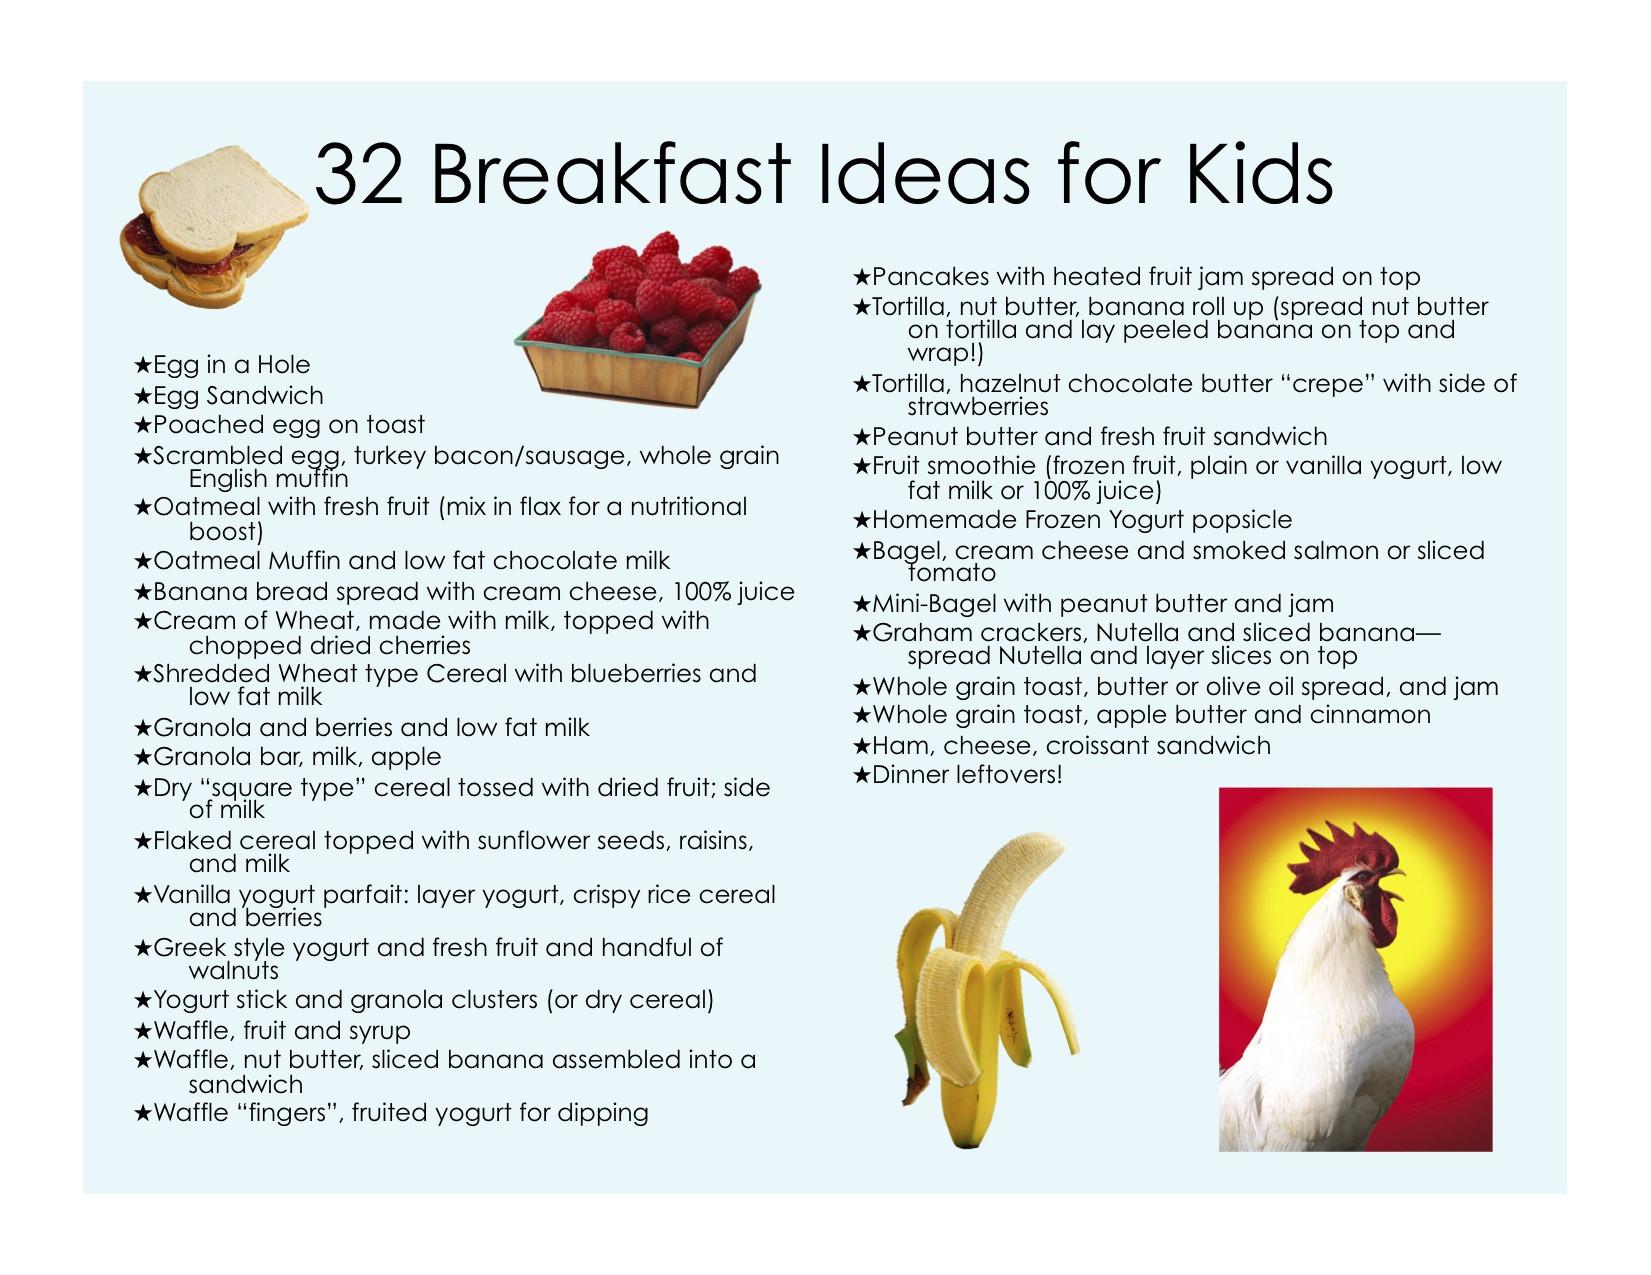 Healthy Breakfast Ideas For Kids  Top Healthy Breakfast Ideas for Weight Loss to Start Your